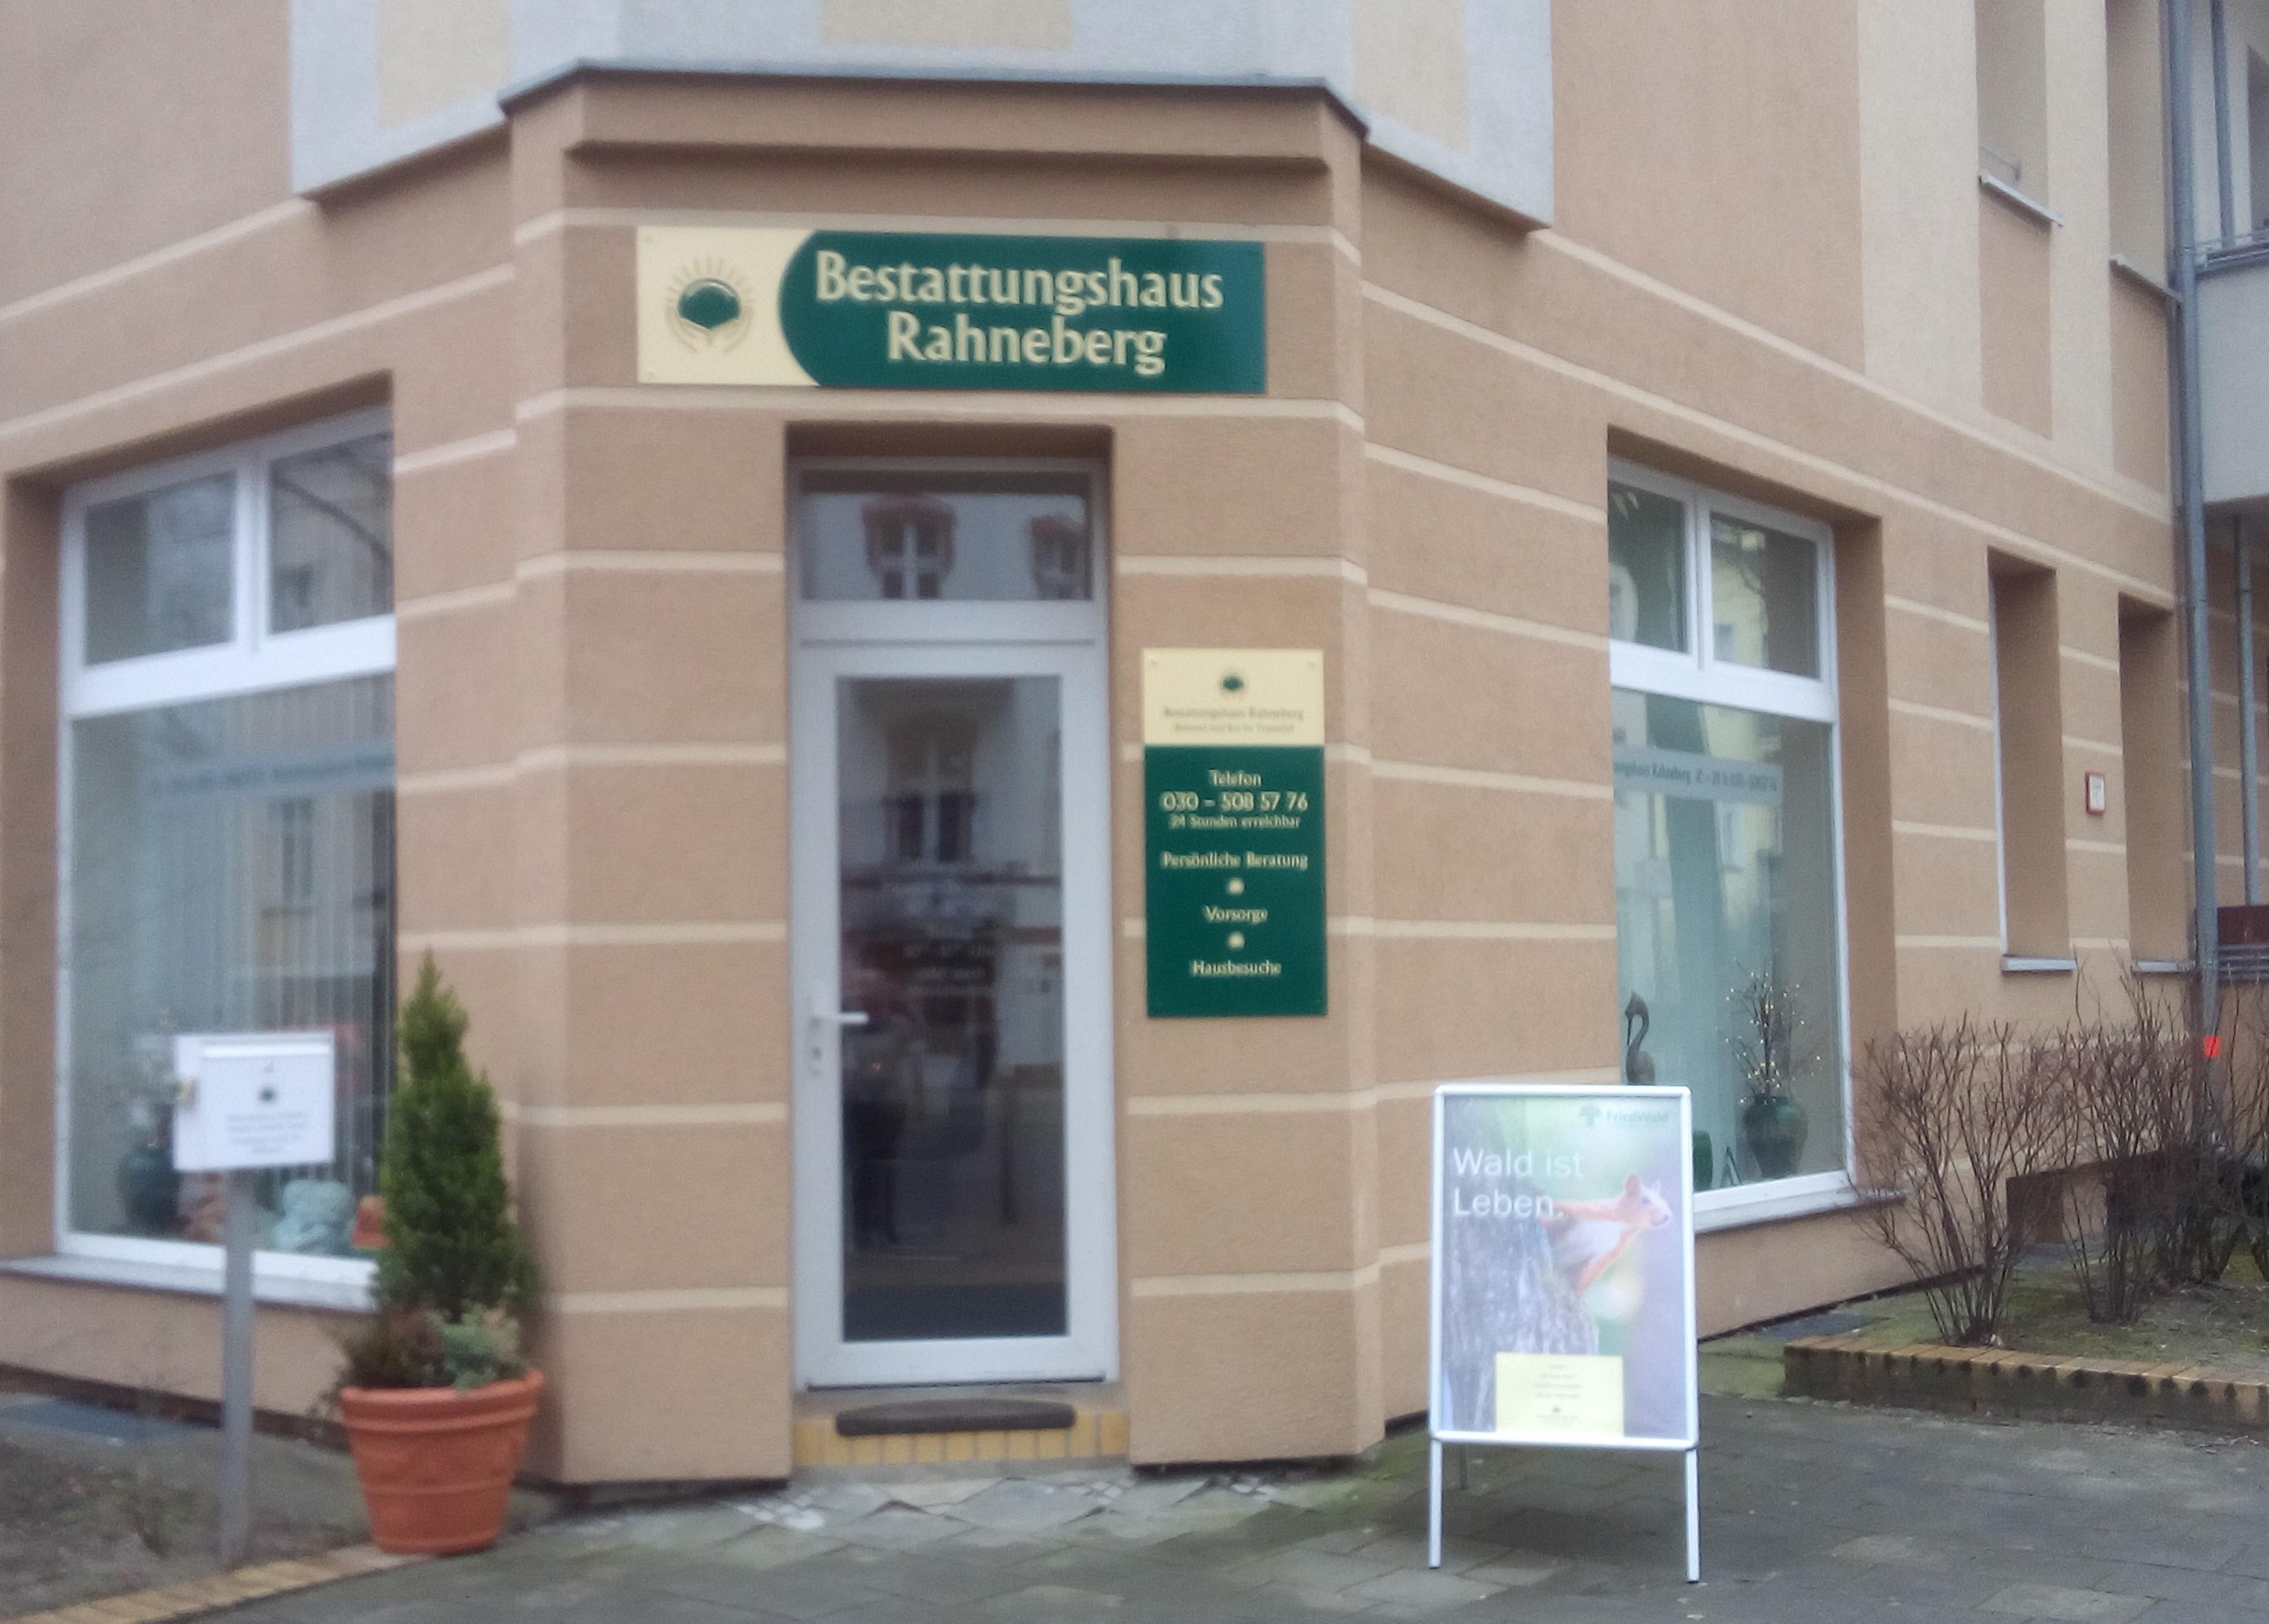 Bestattungshaus Rahneberg